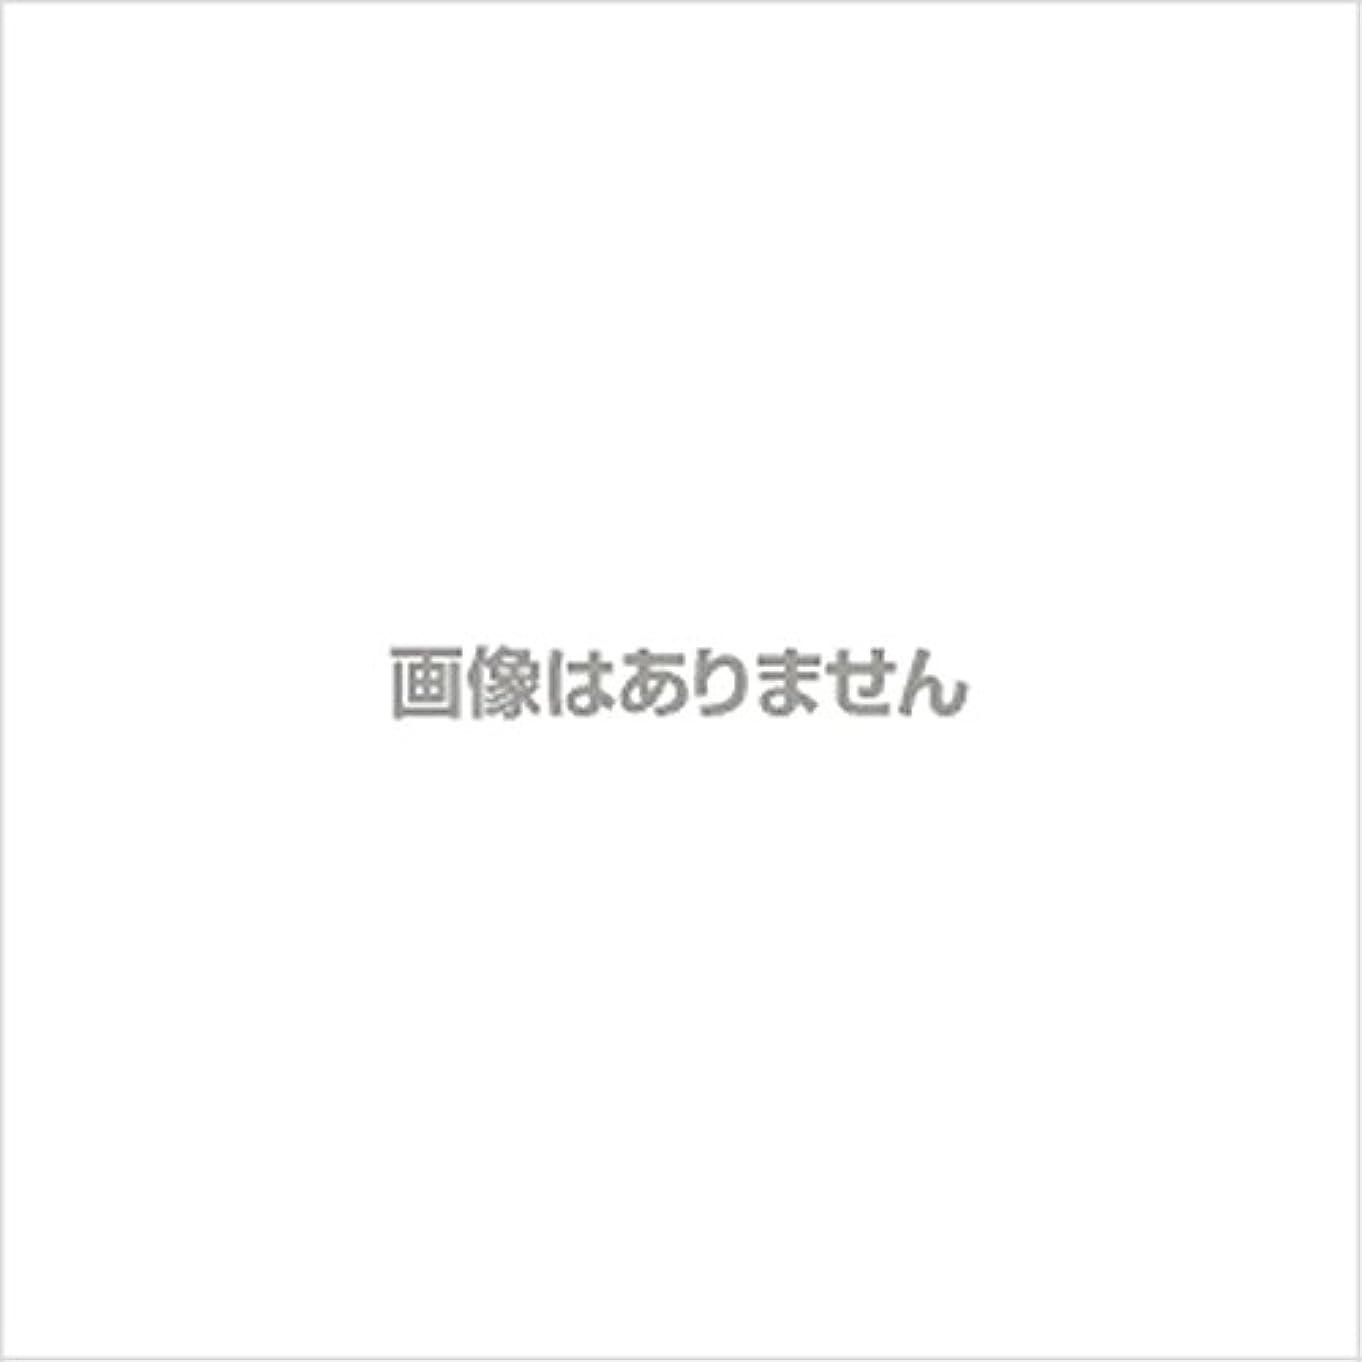 東ストレッチシエスタ新発売】EBUKEA エブケアNO1004 プラスチックグローブ(パウダーフリー?粉なし)Mサイズ 100枚入(極薄?半透明)